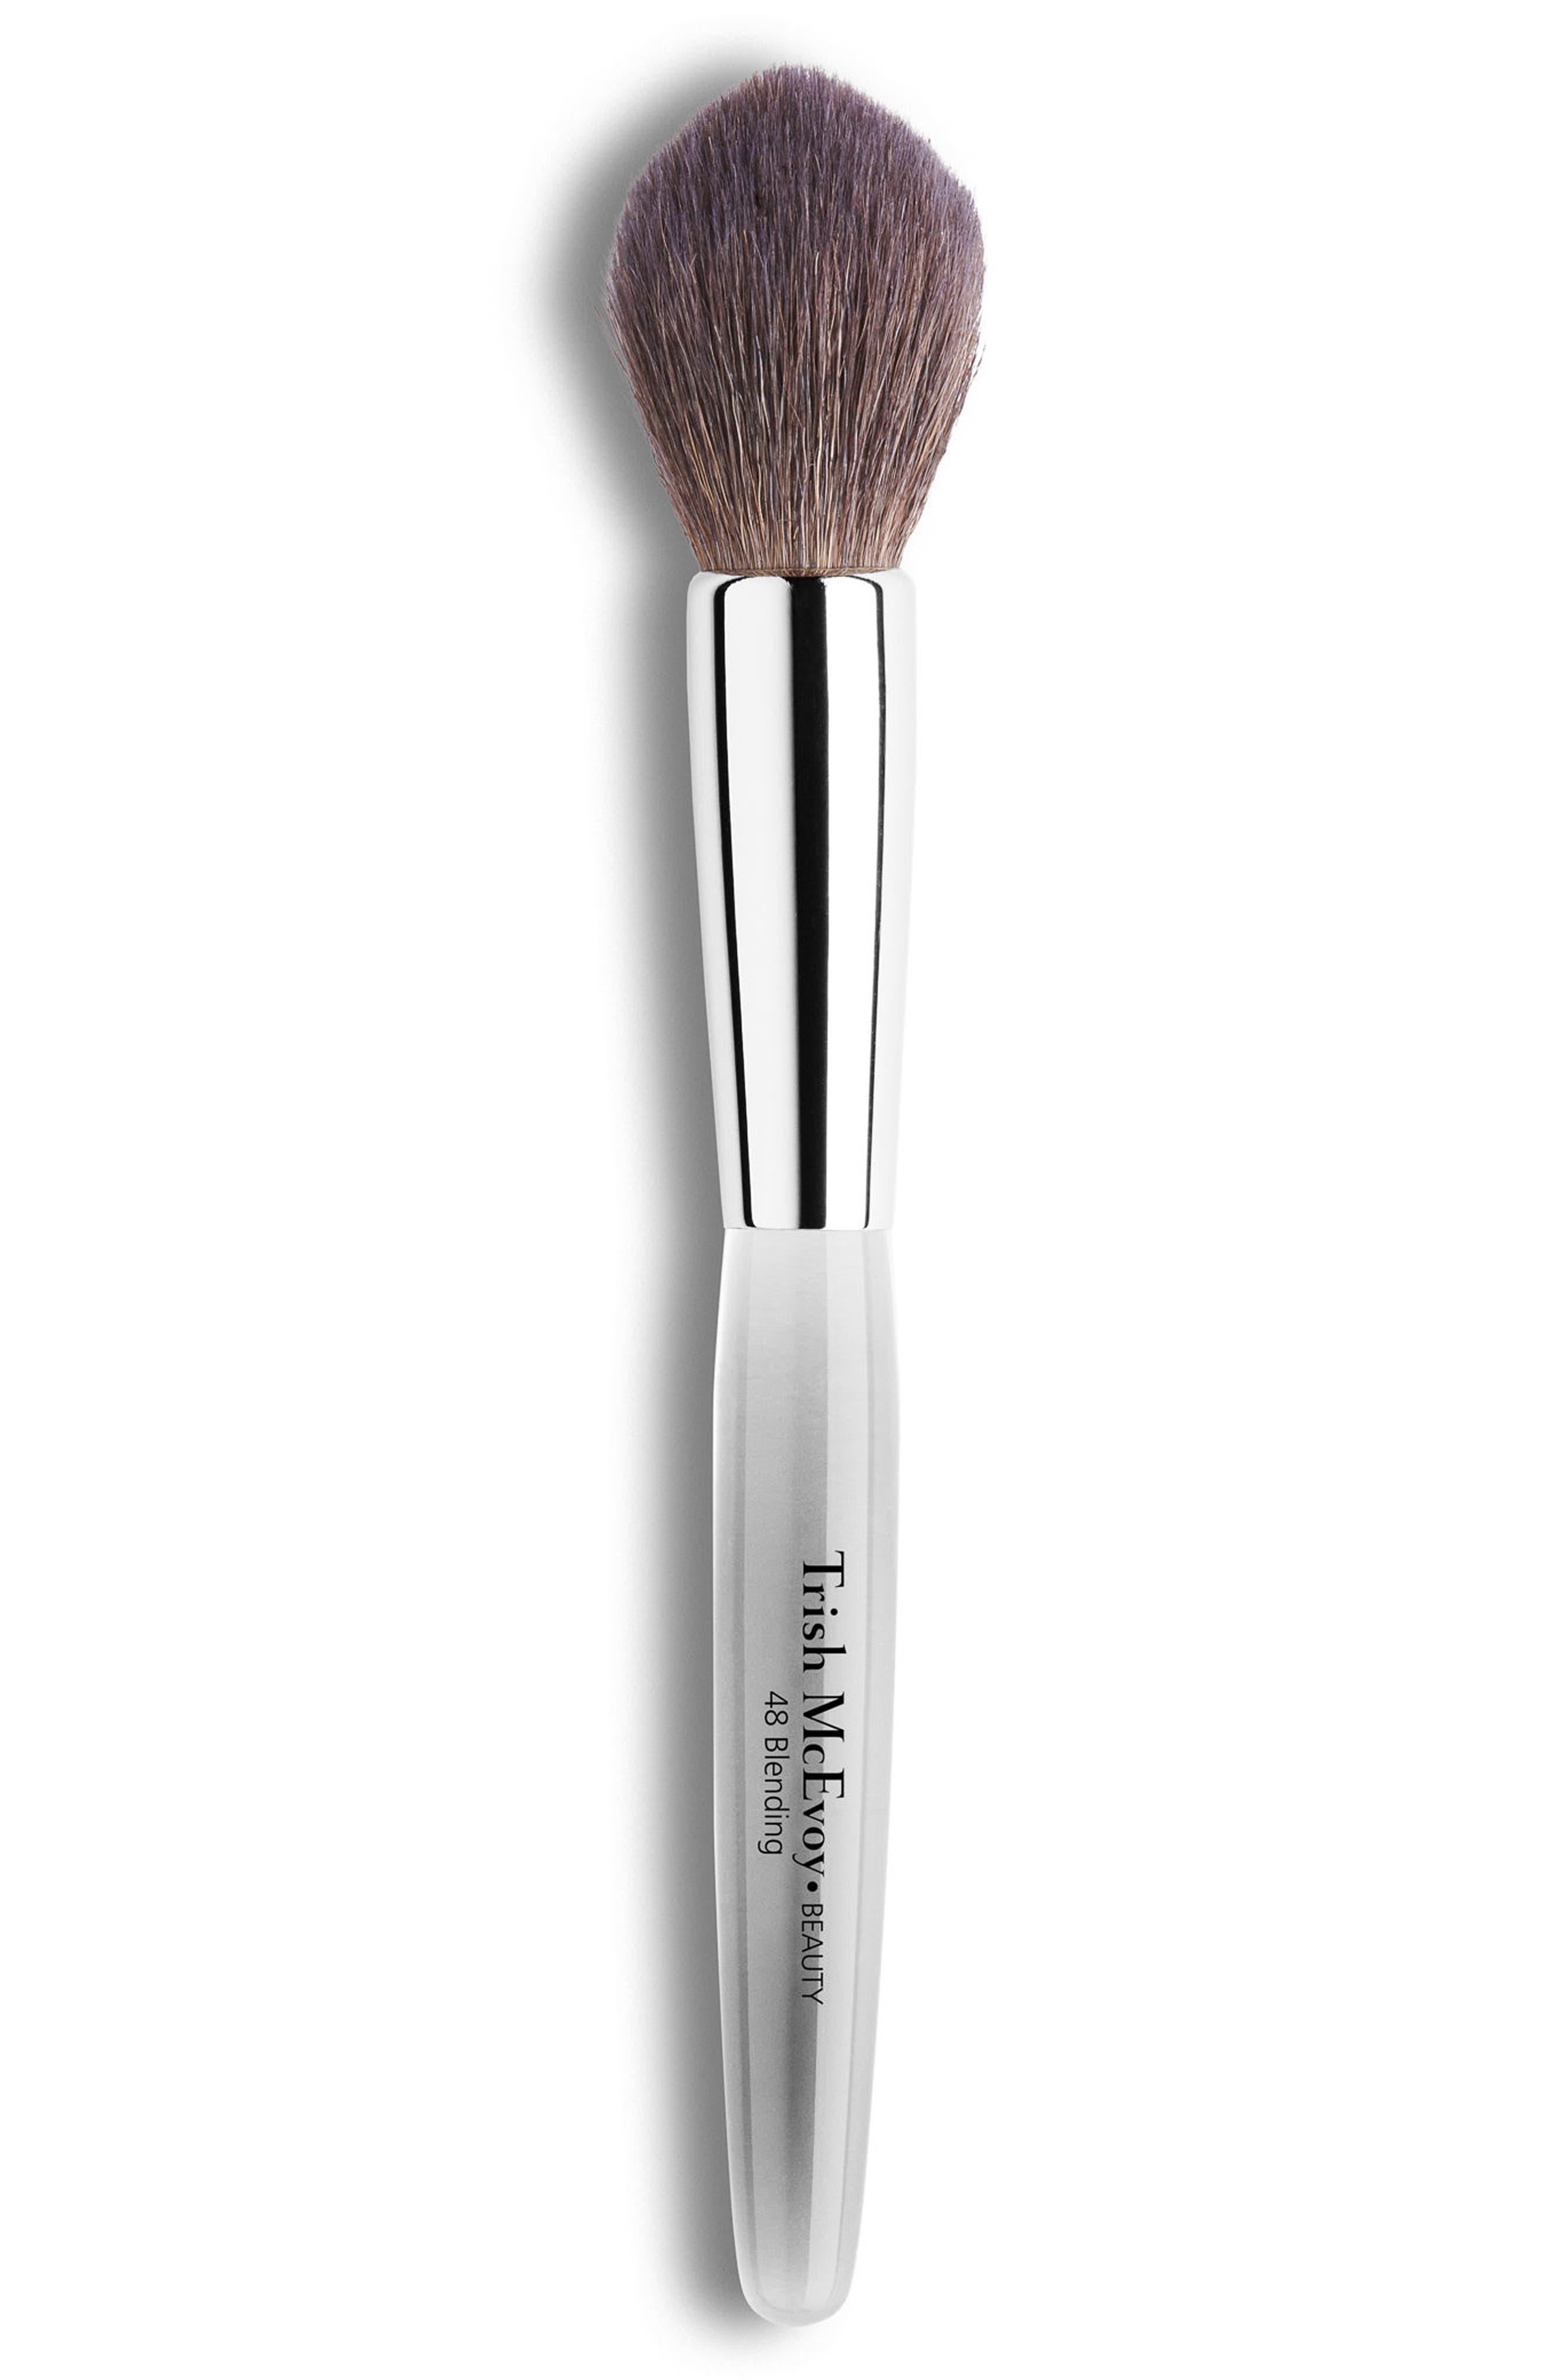 Alternate Image 1 Selected - Trish McEvoy #48 Blending Brush